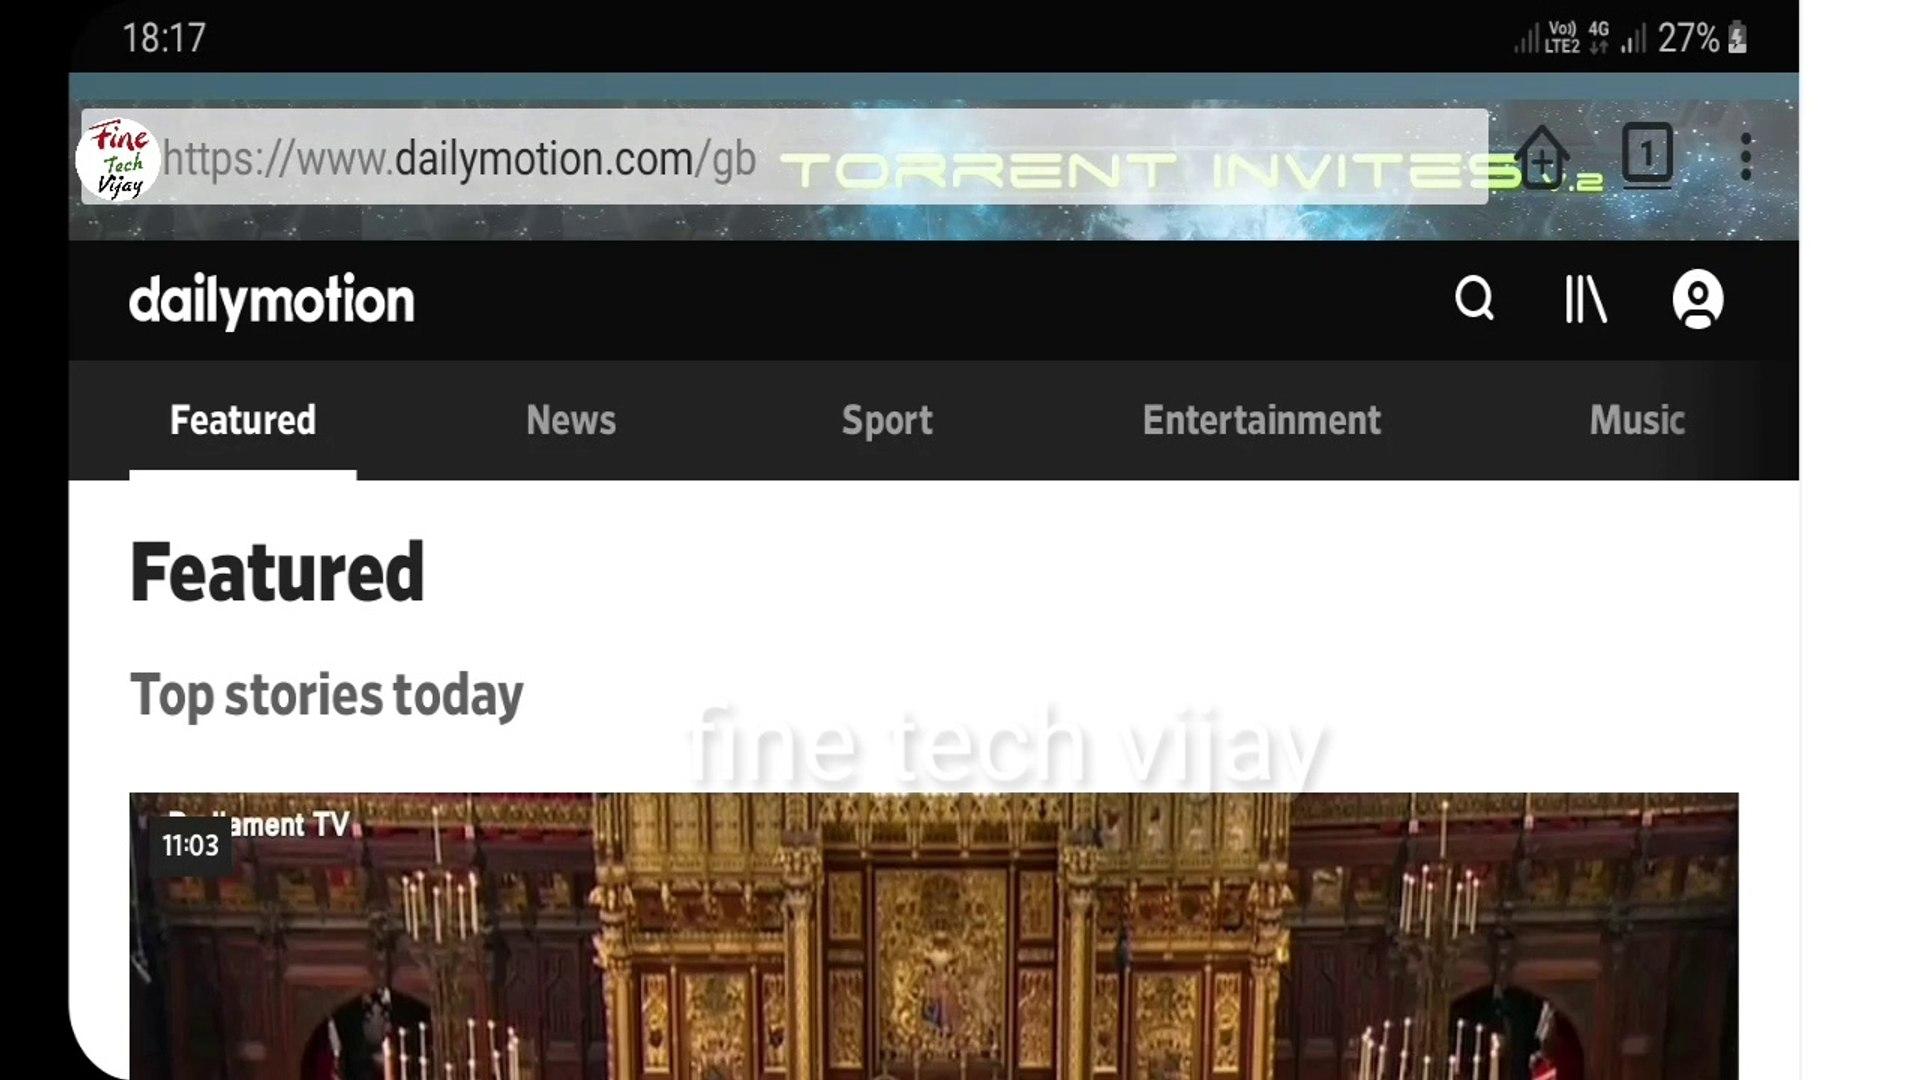 Dailymotion Par Video Kaise Upload Karte Hain How To Video Upload Dailymotion